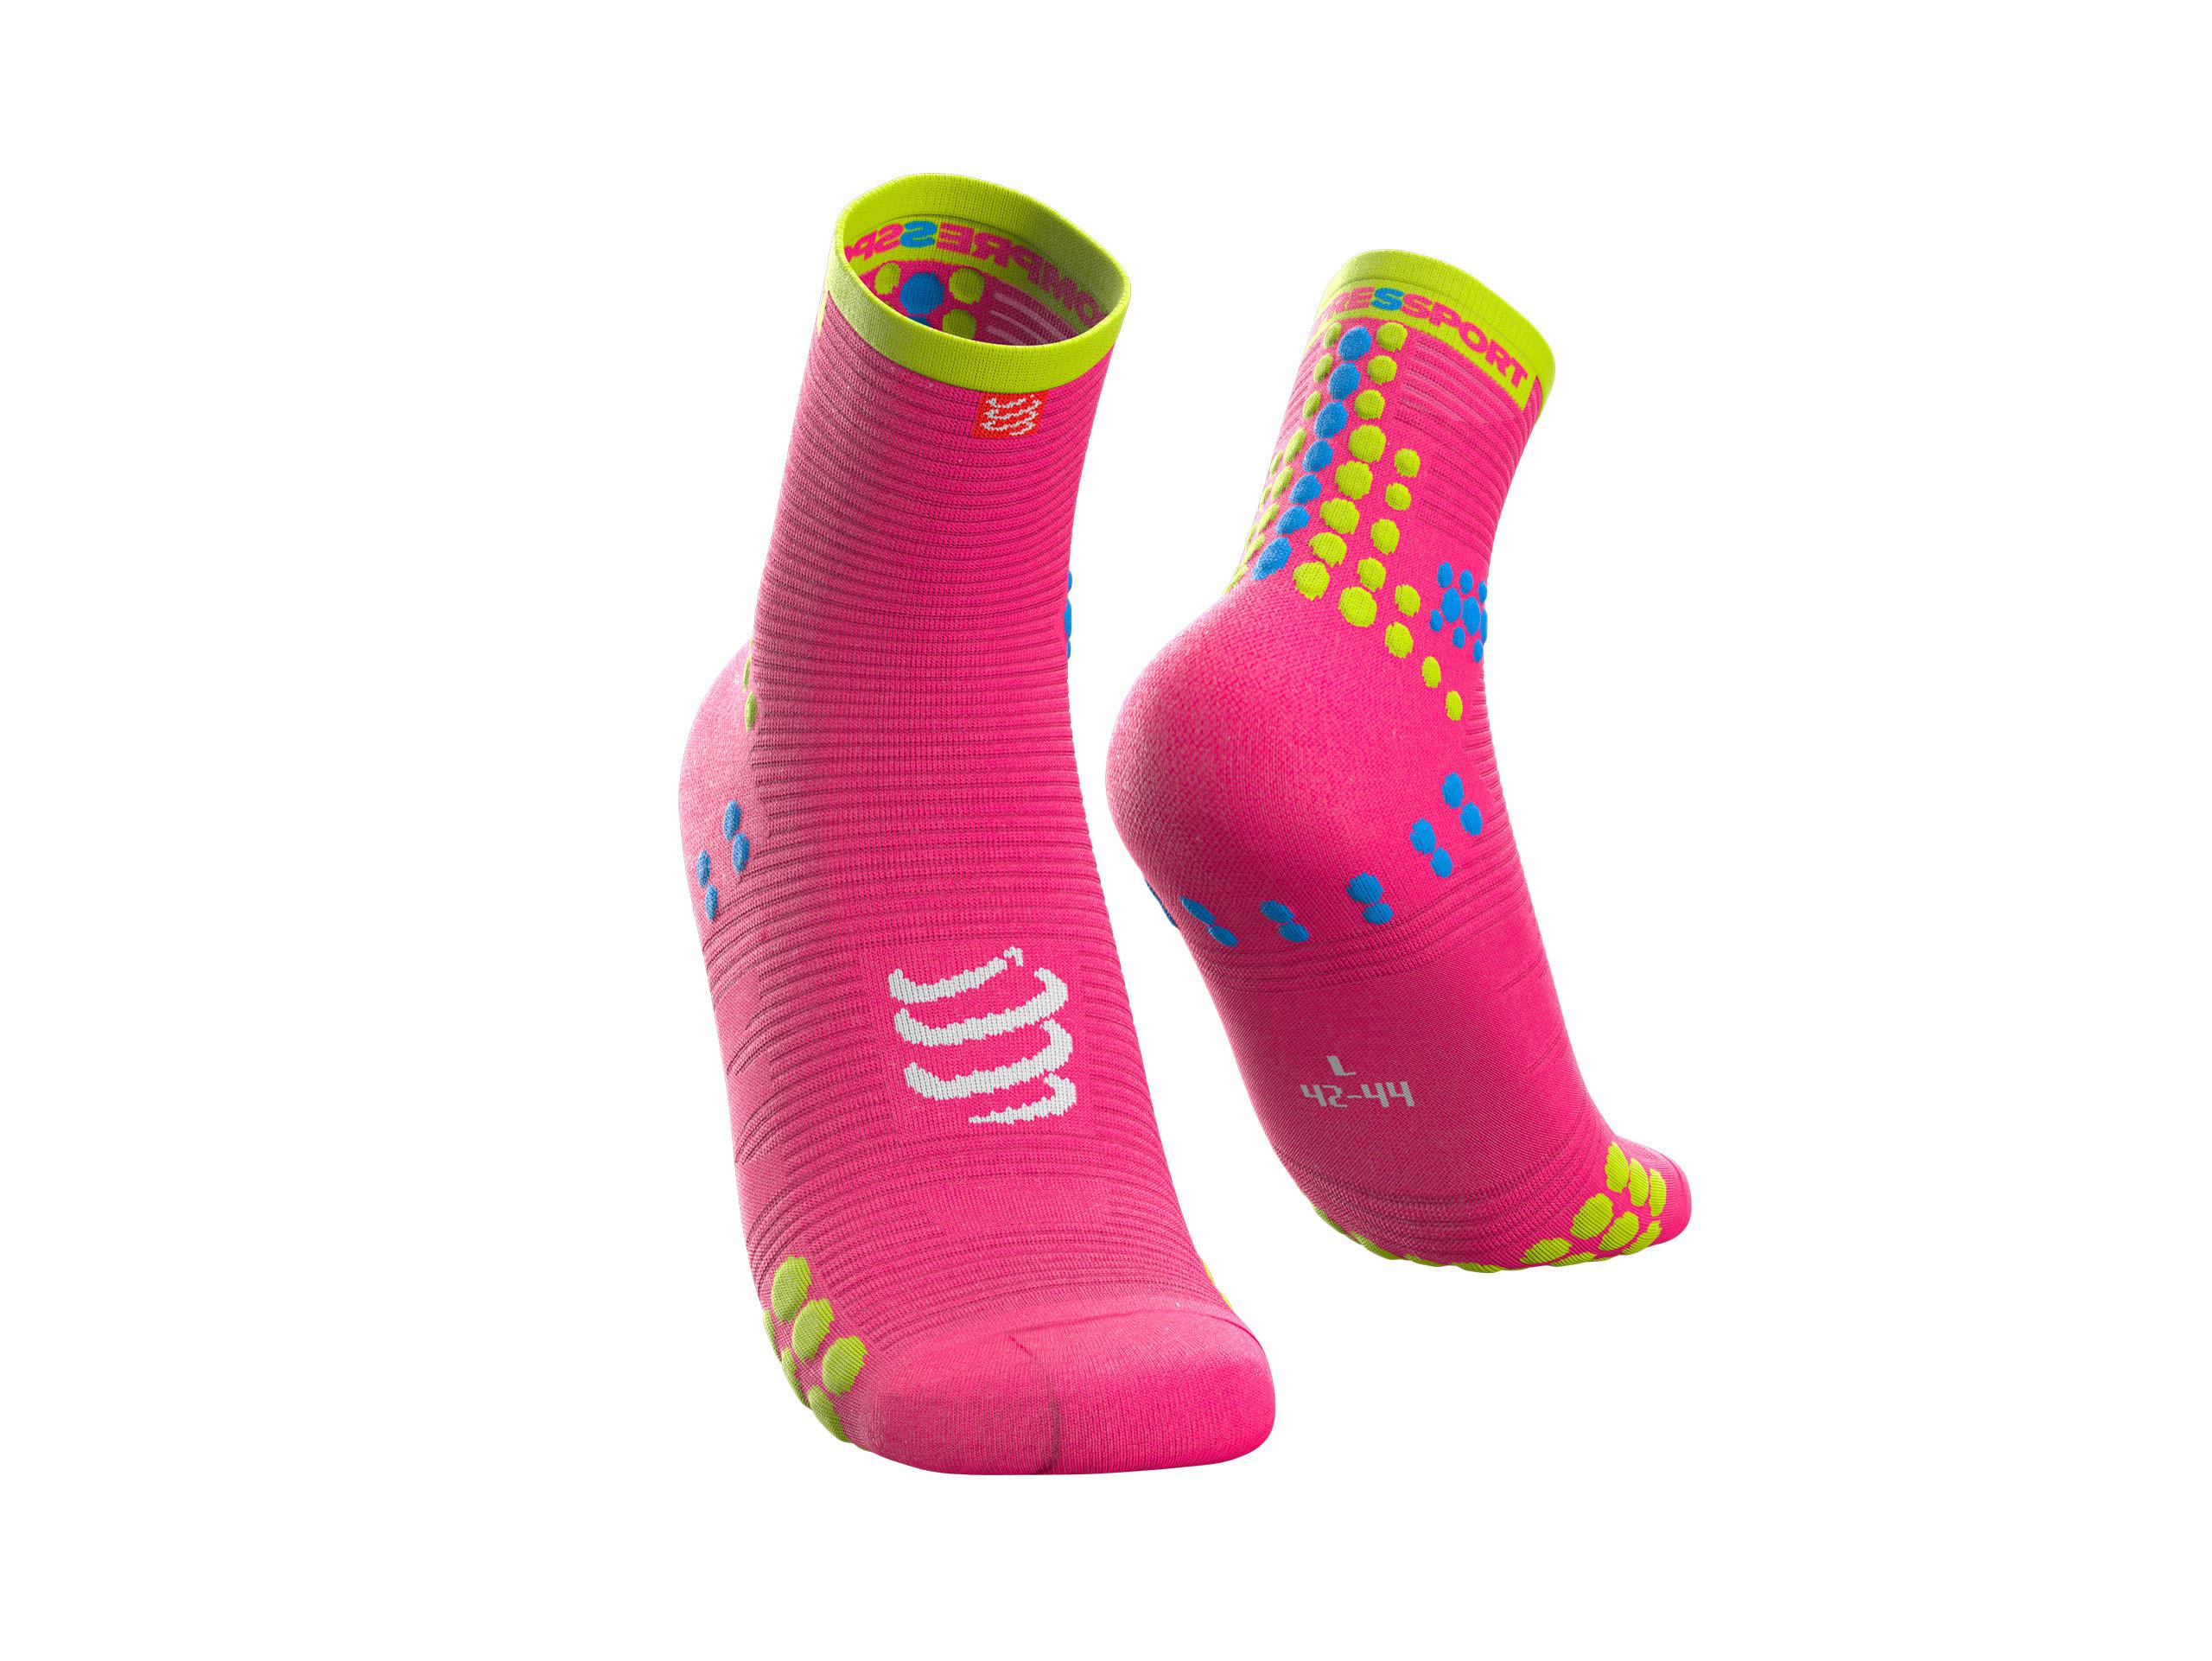 Calzini da gara professionali v3.0 Run High rosa fluo